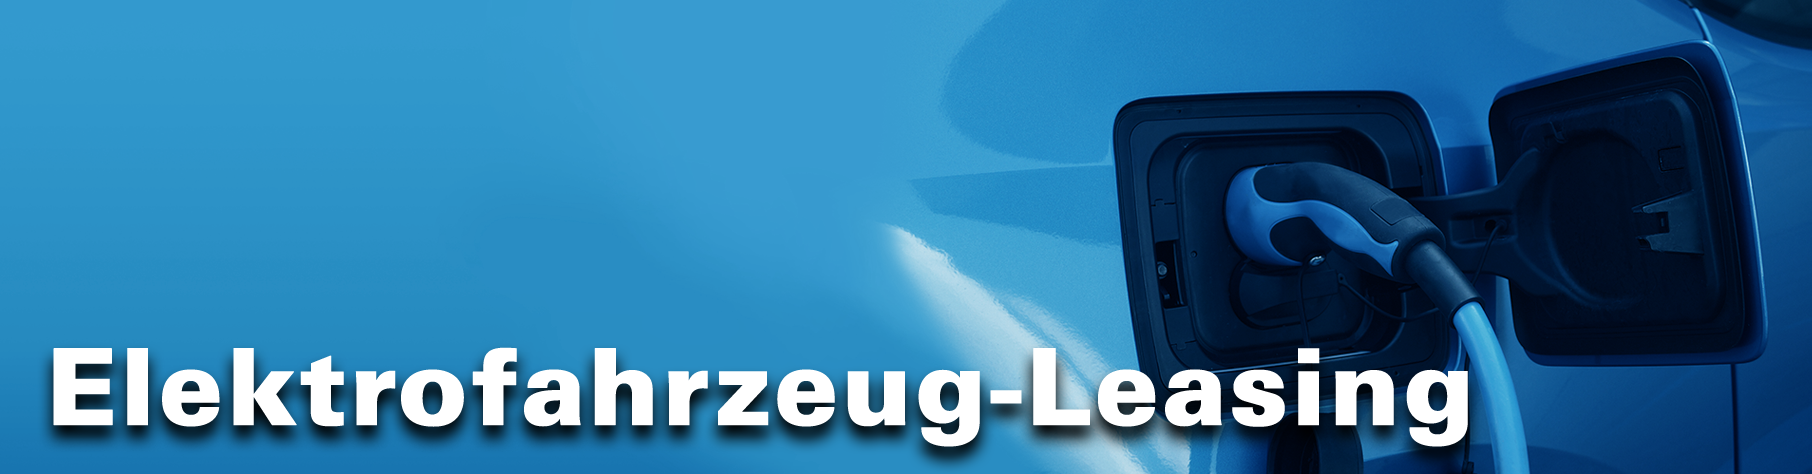 Unsere aktuellen Leasing-Angebote für Elektro-Fahrzeuge